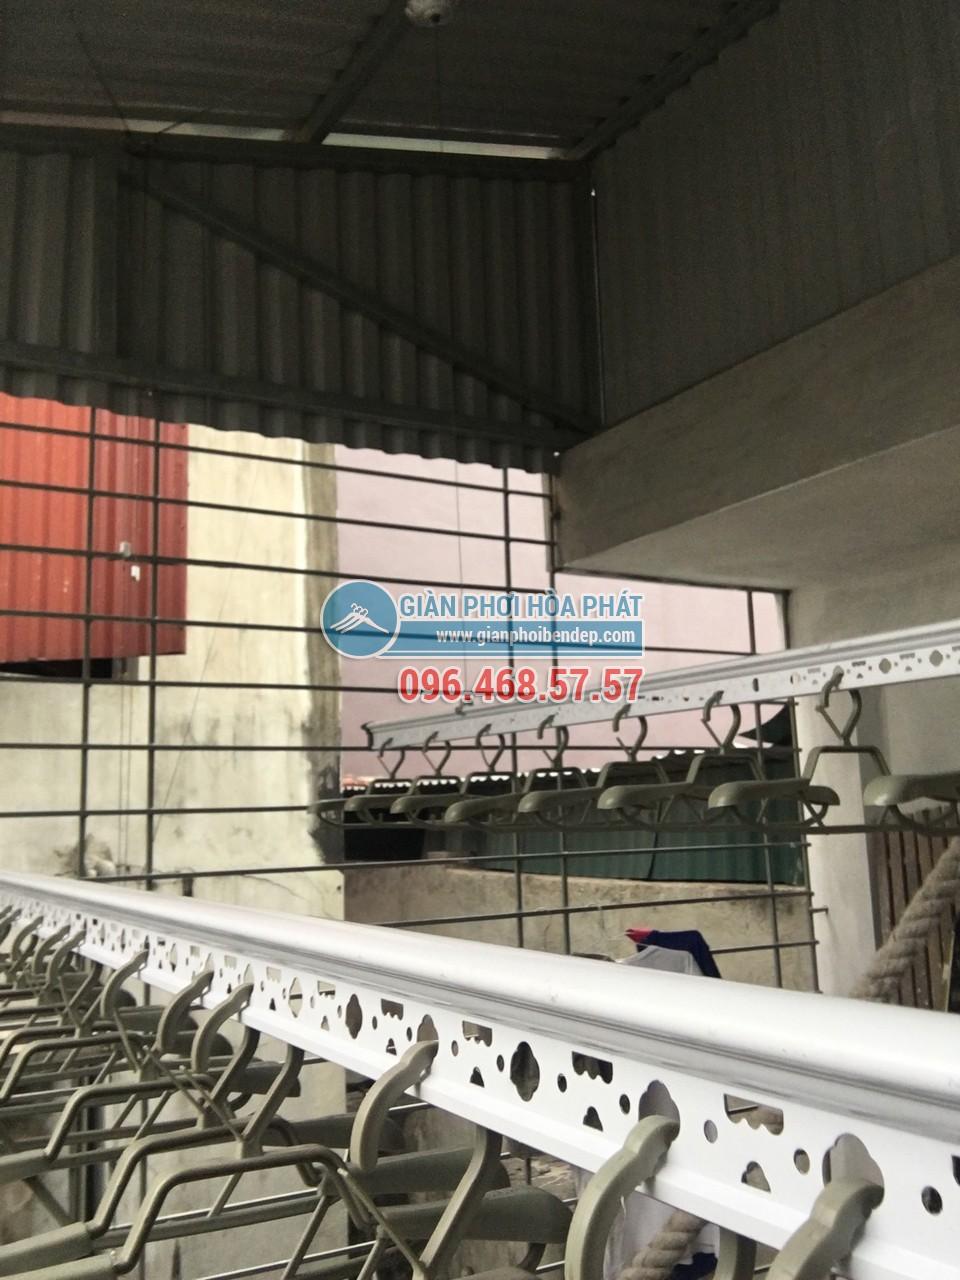 Lắp giàn phơi thông minh cho sân phơi bằng mái tôn nhà anh Chiến, Nguyễn Ngọc Nại